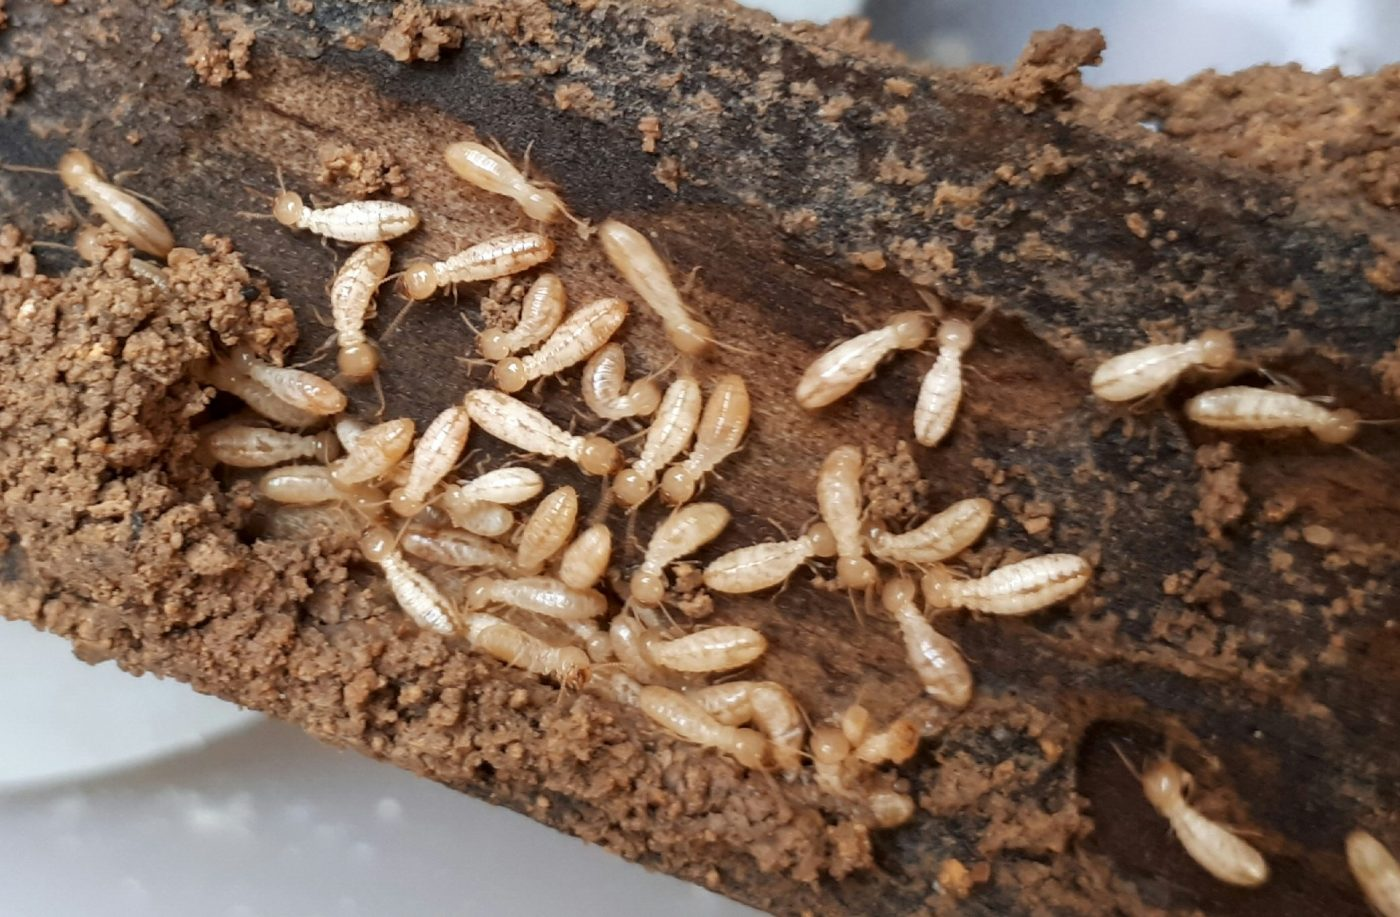 Señales de daños por termitas